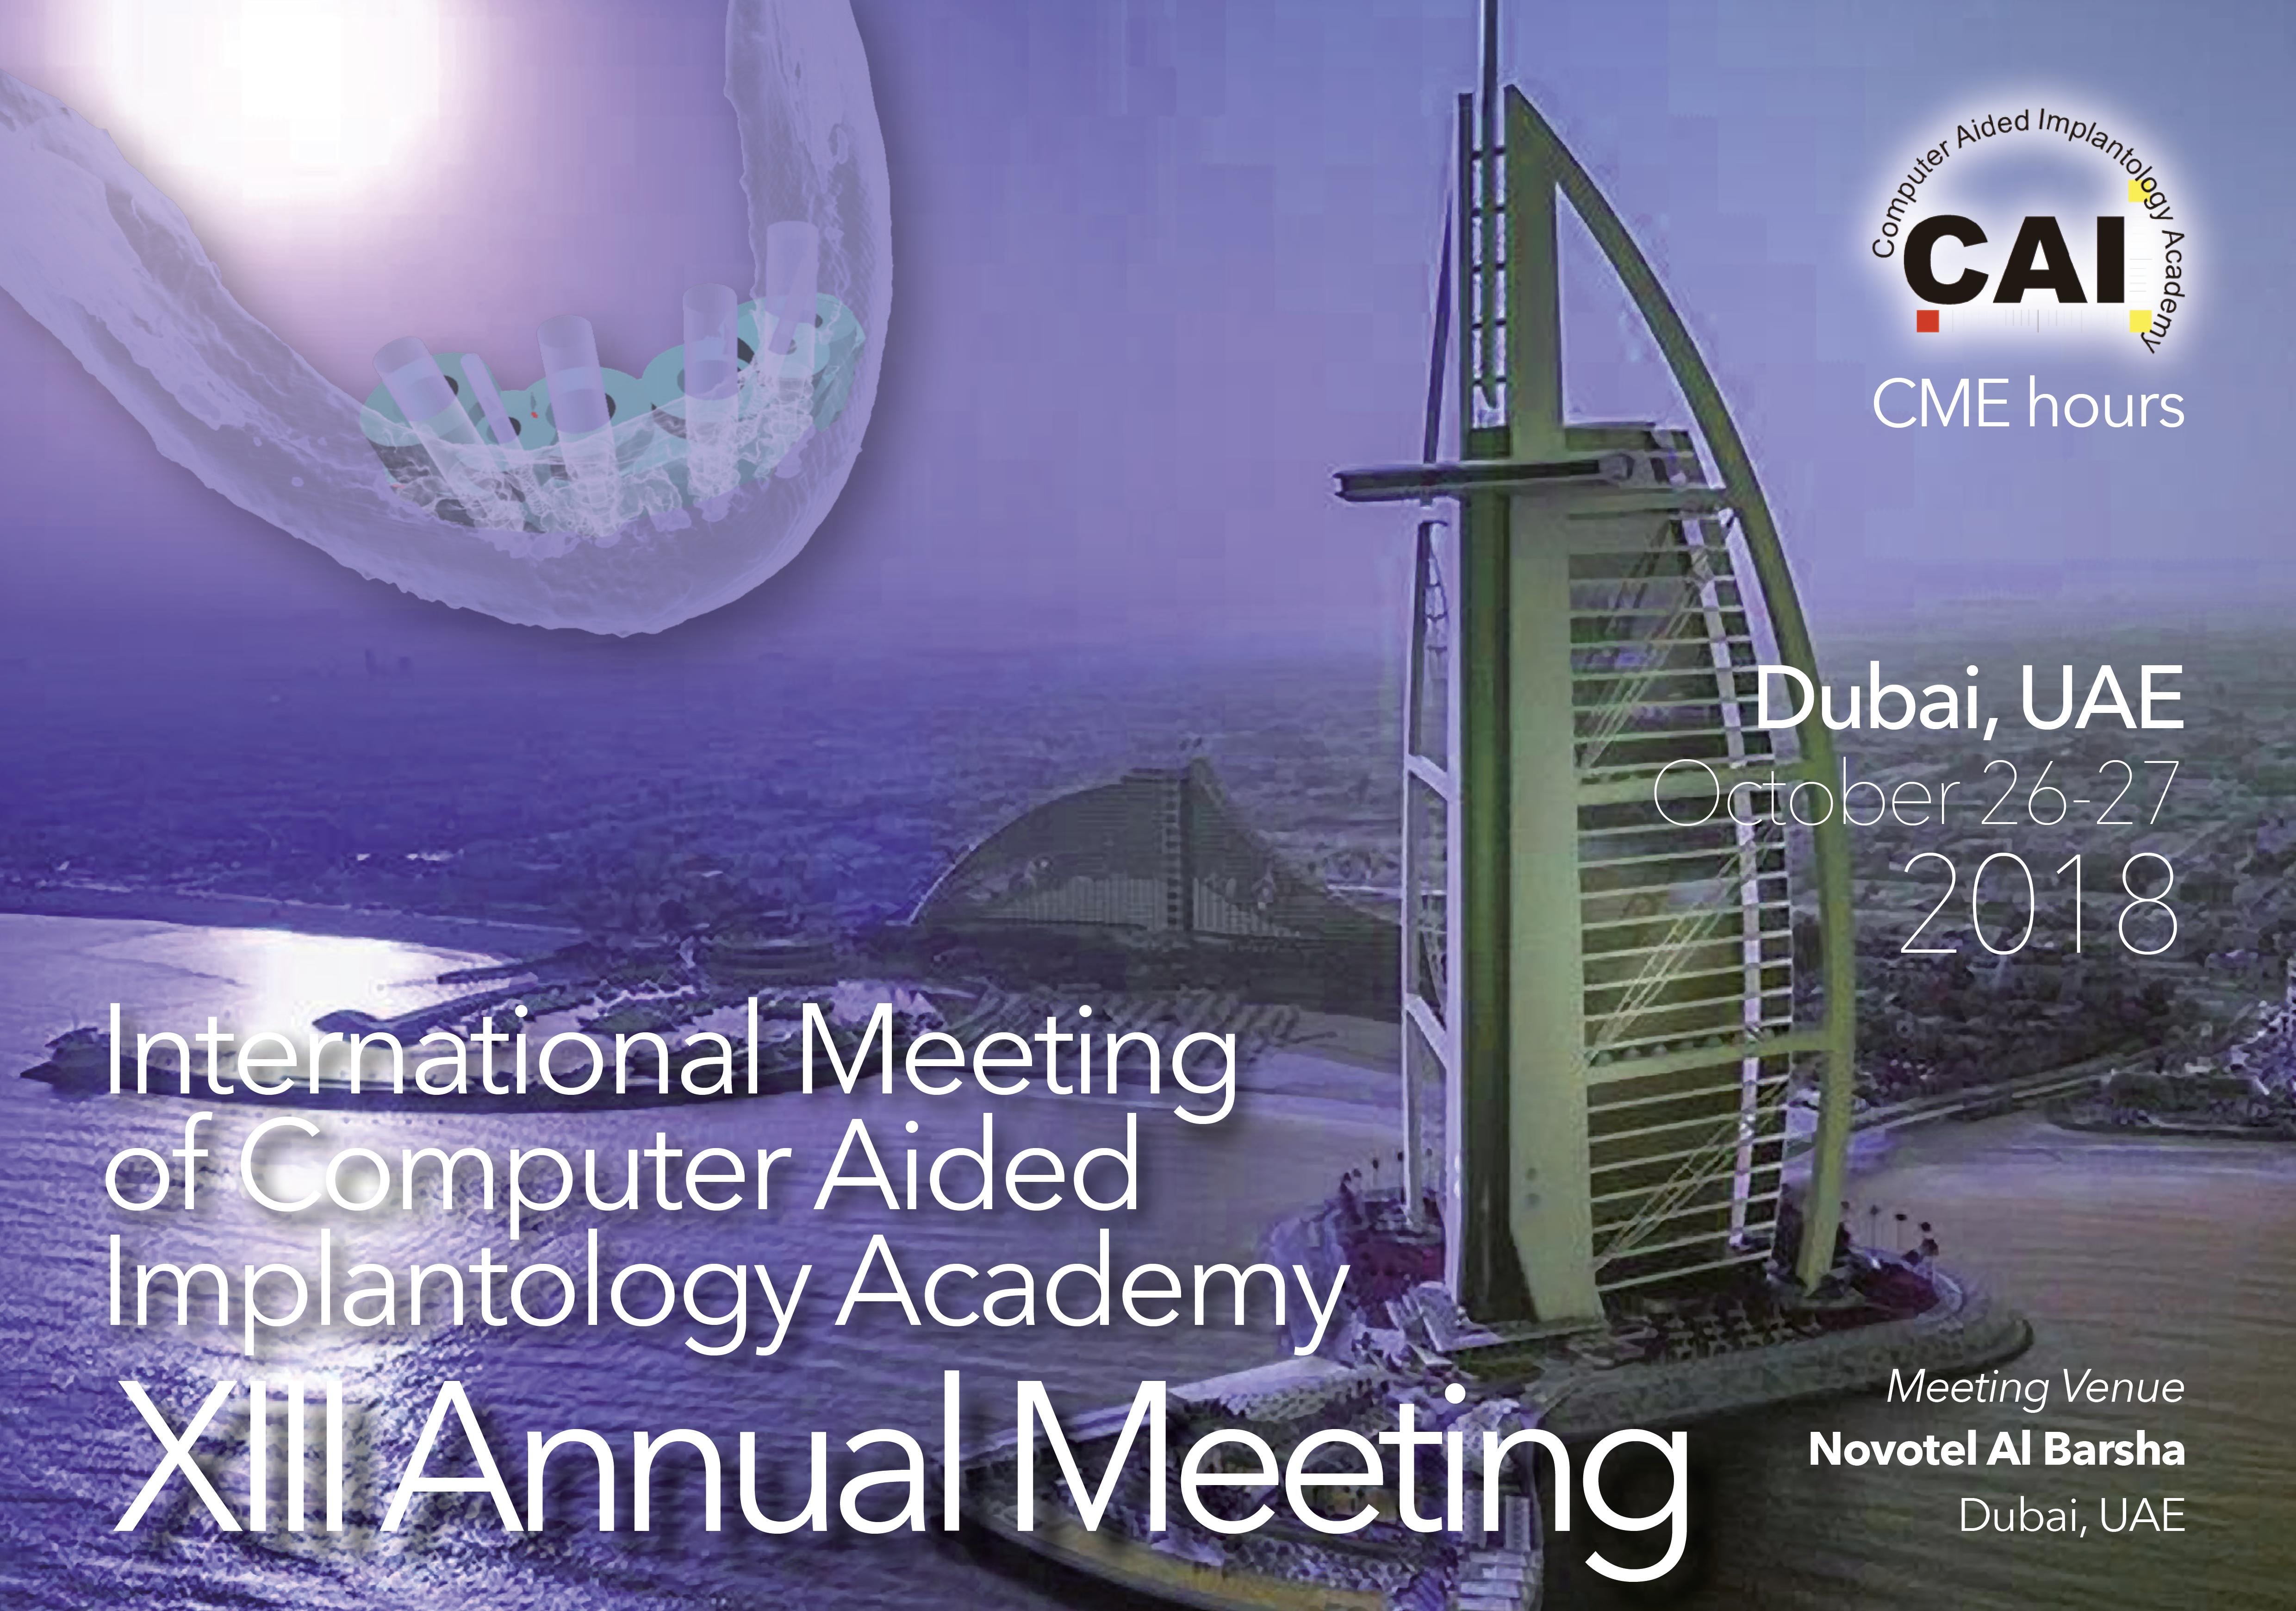 CAI 2018 Dubai, UAE 26-27 October 2018